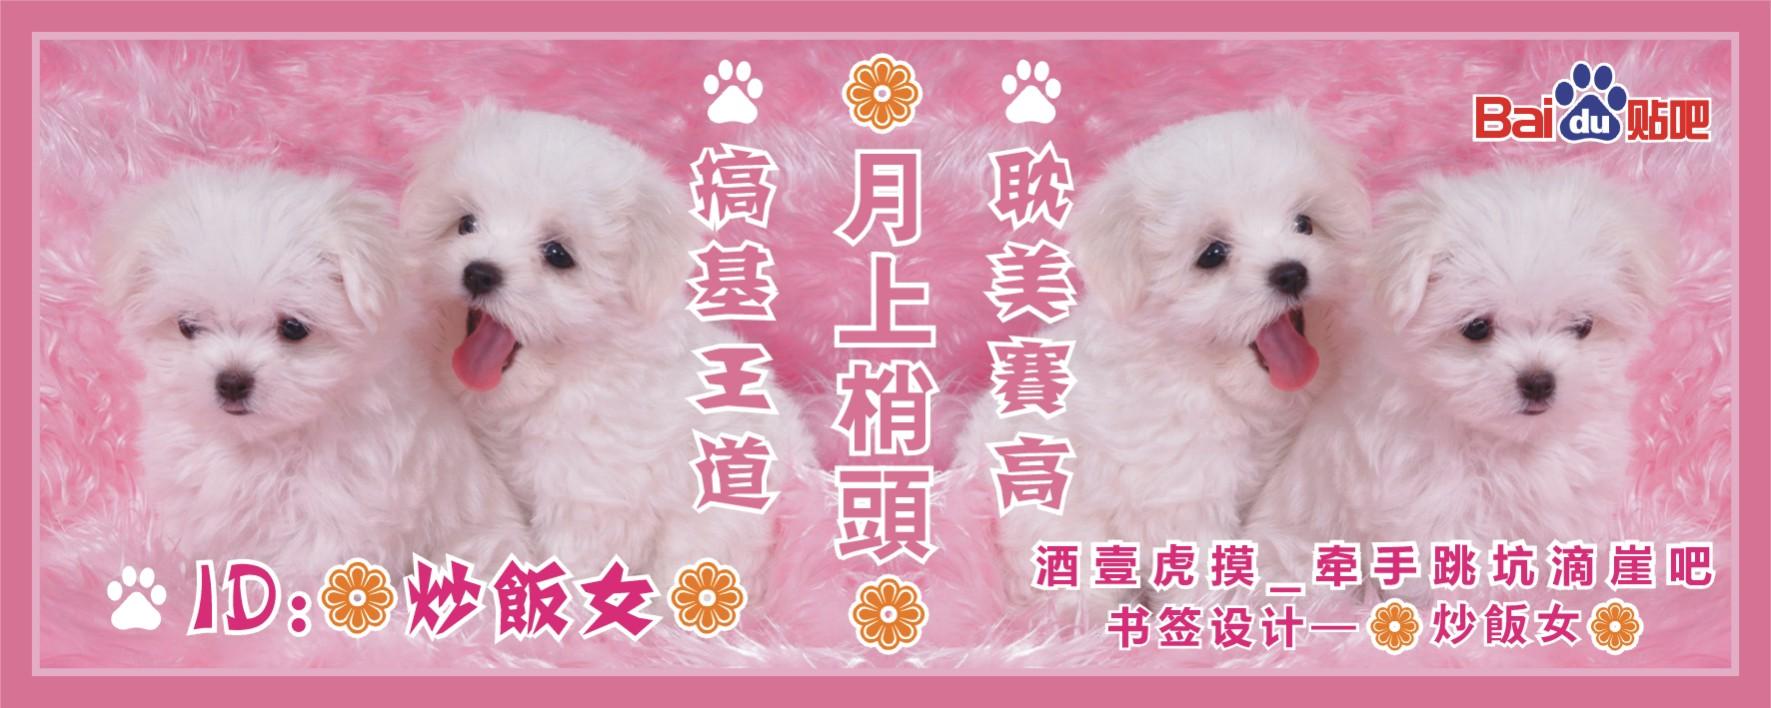 缠by指尖葬沙_9楼2012-08-1016:10